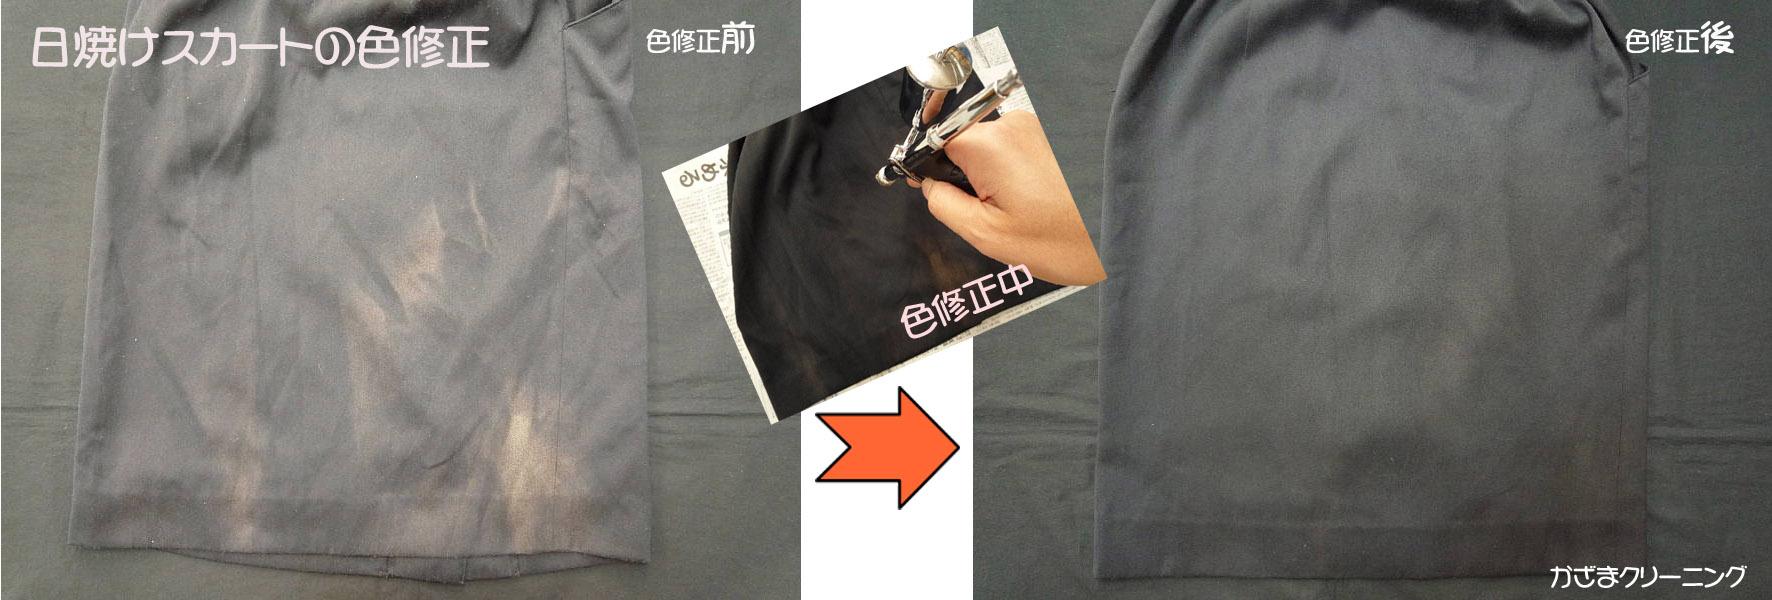 日焼けスカートの色修正